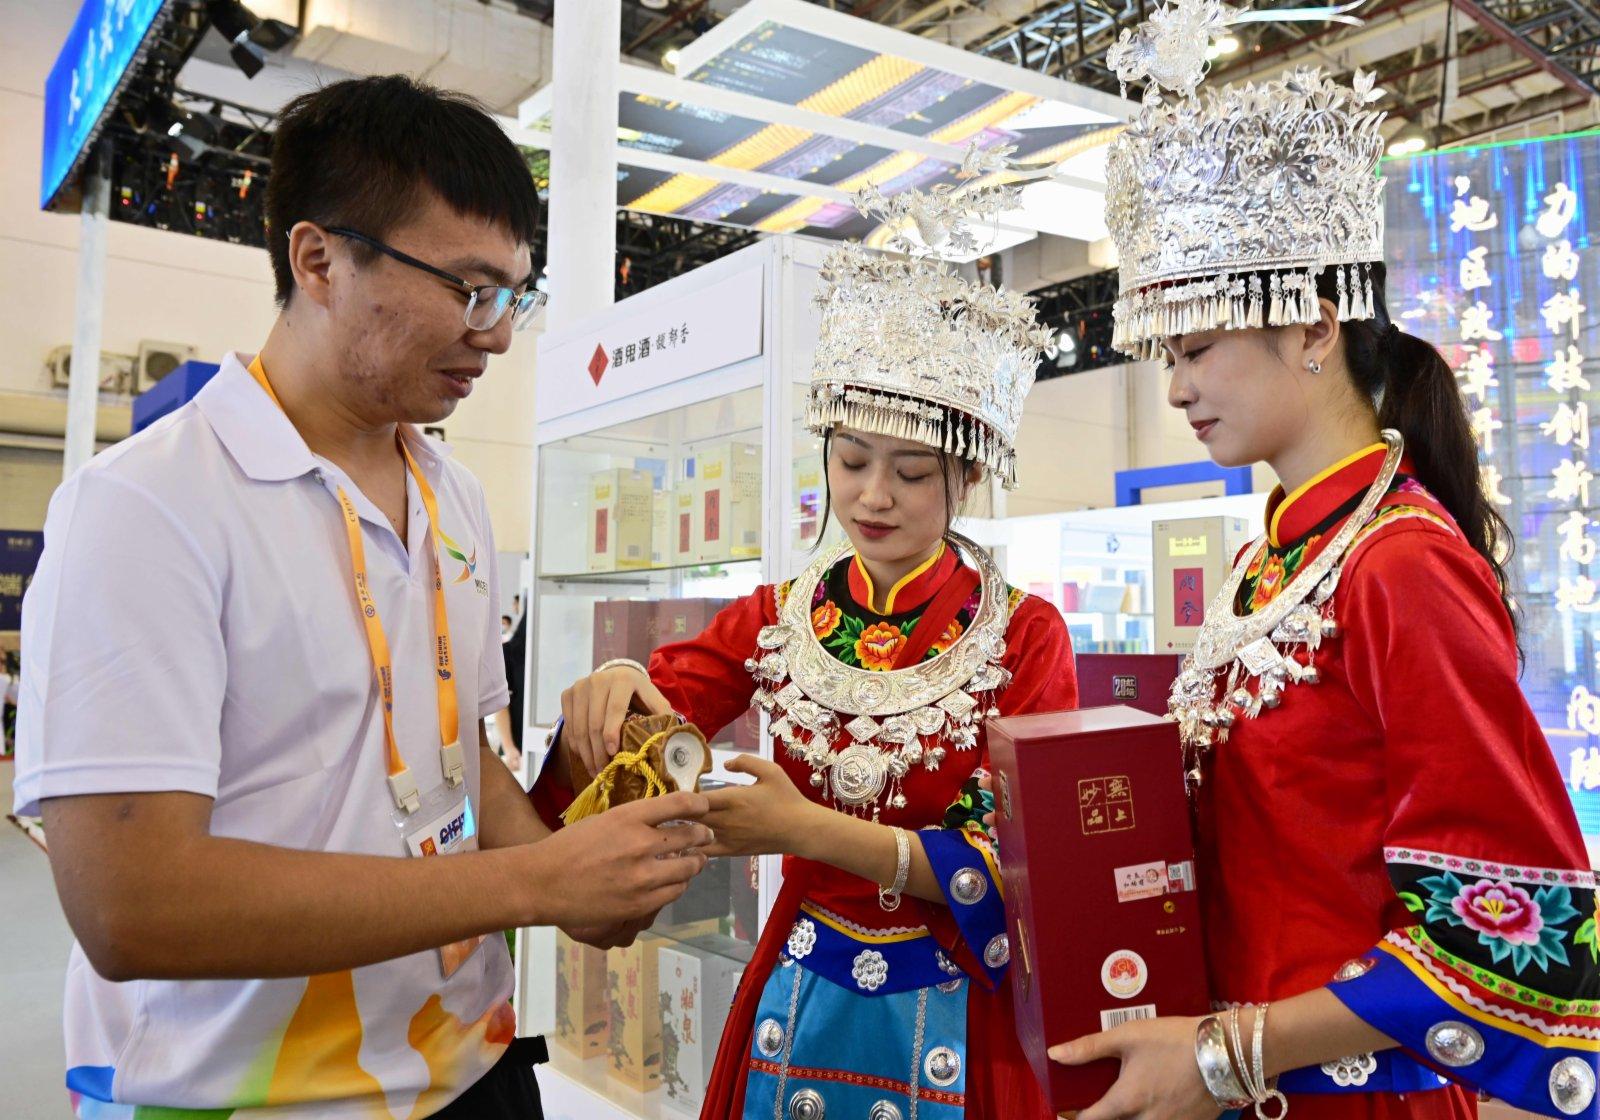 在第二十一屆中國國際投資貿易洽談會展館現場,與會嘉賓(左一)在湖南省展位上品嘗美酒。(新華社)